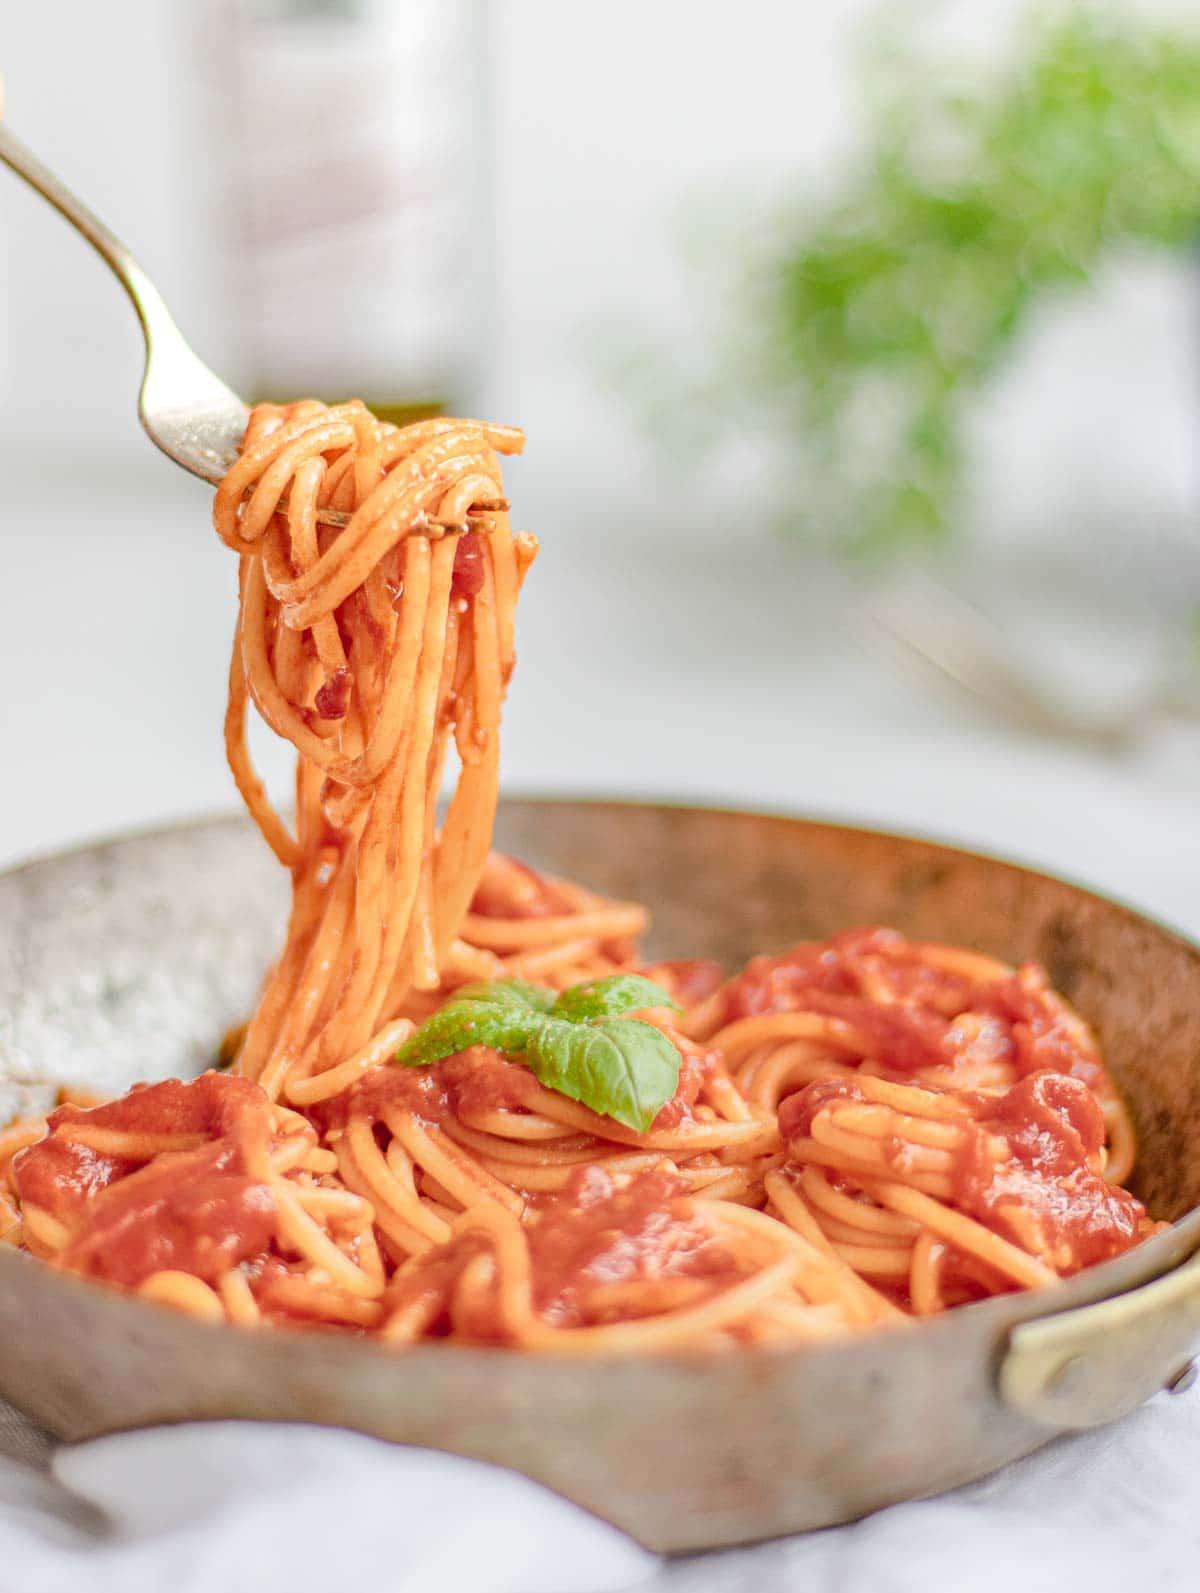 pasta pomodoro in a copper pan